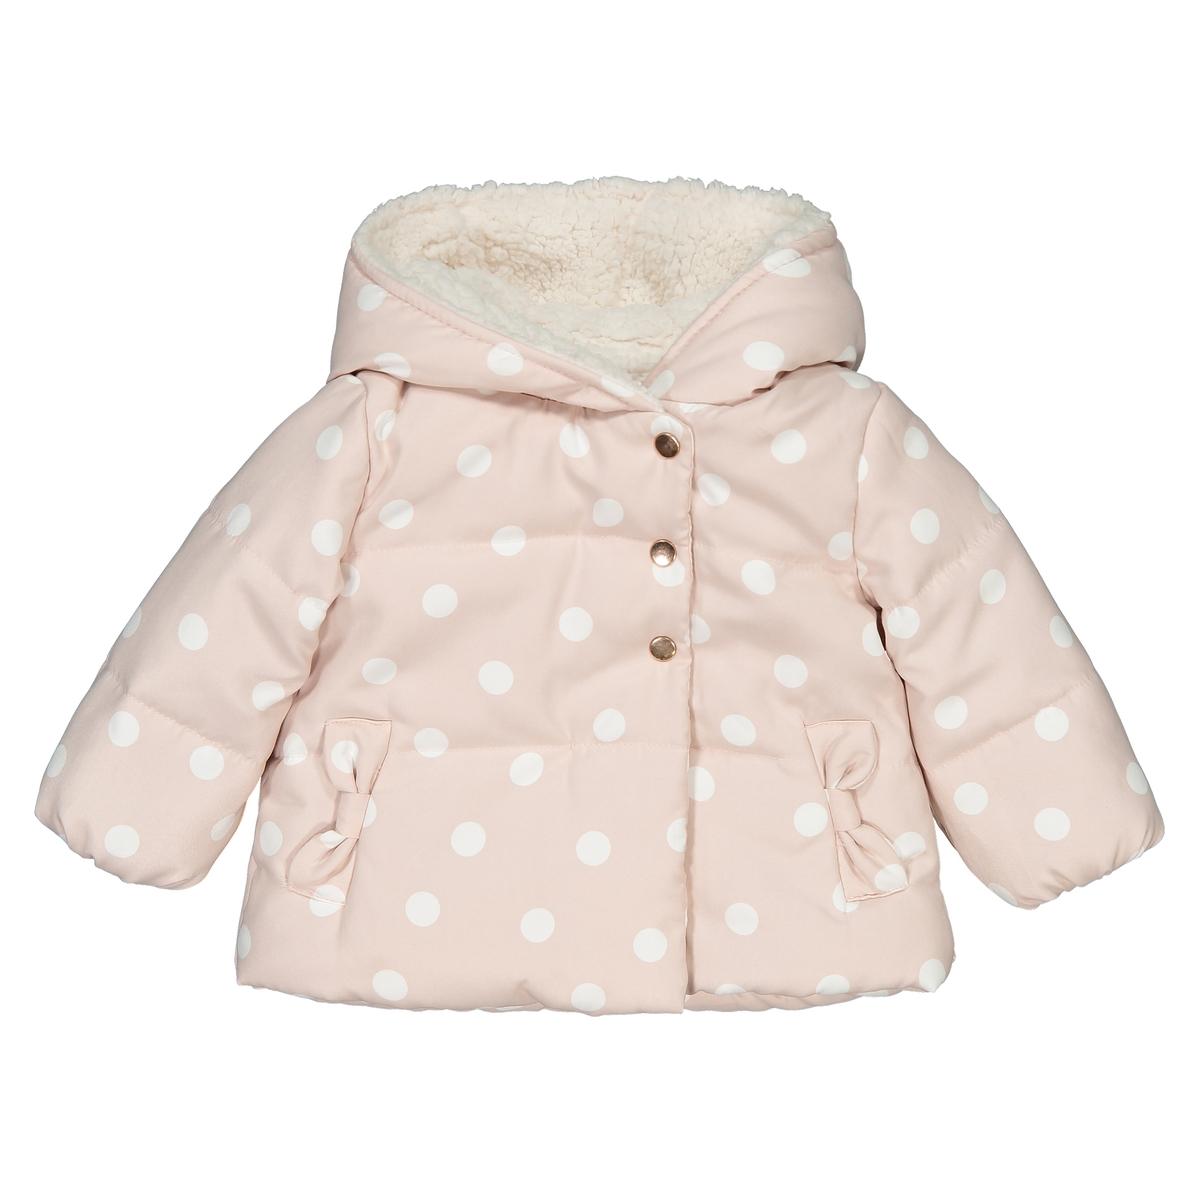 Куртка La Redoute С капюшоном в горошек мес- года 1 мес. - 54 см розовый куртка la redoute в горошек на подкладке из флиса мес года 1 мес 54 см синий